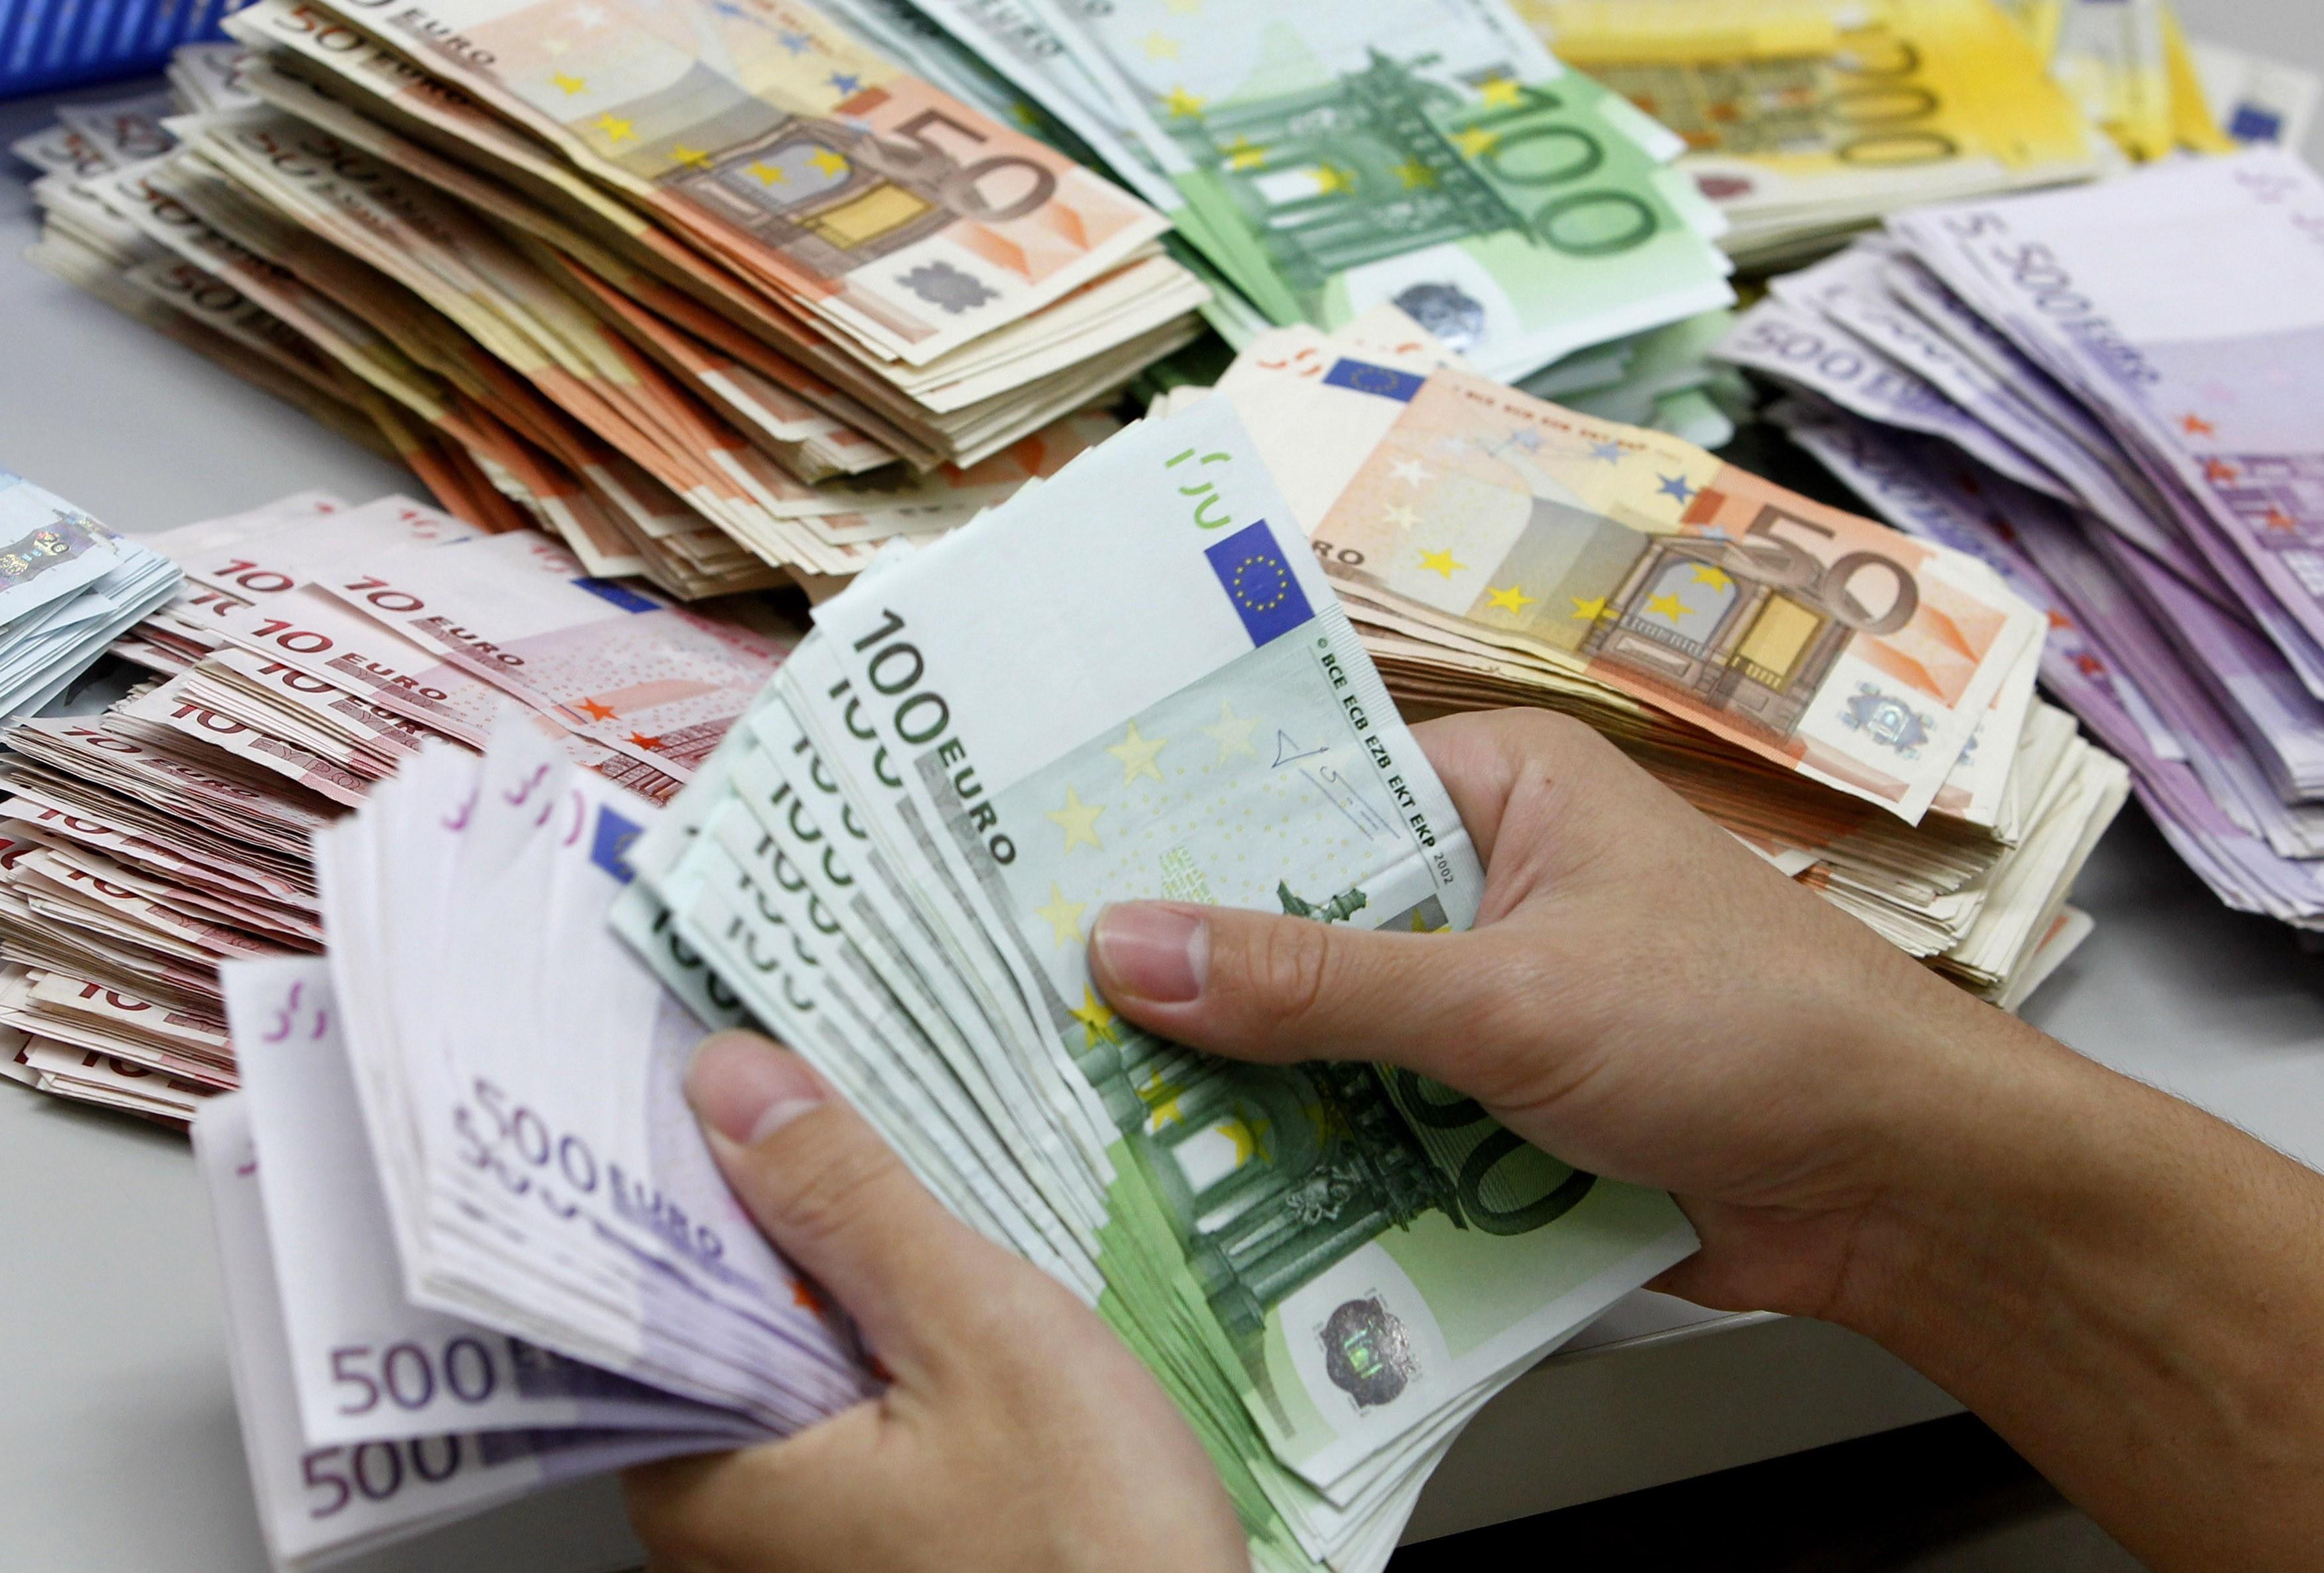 Diaspora thyen rekord — Rreth 700 milionë euro hyjnë në Kosovë, 11% më shumë se vjet